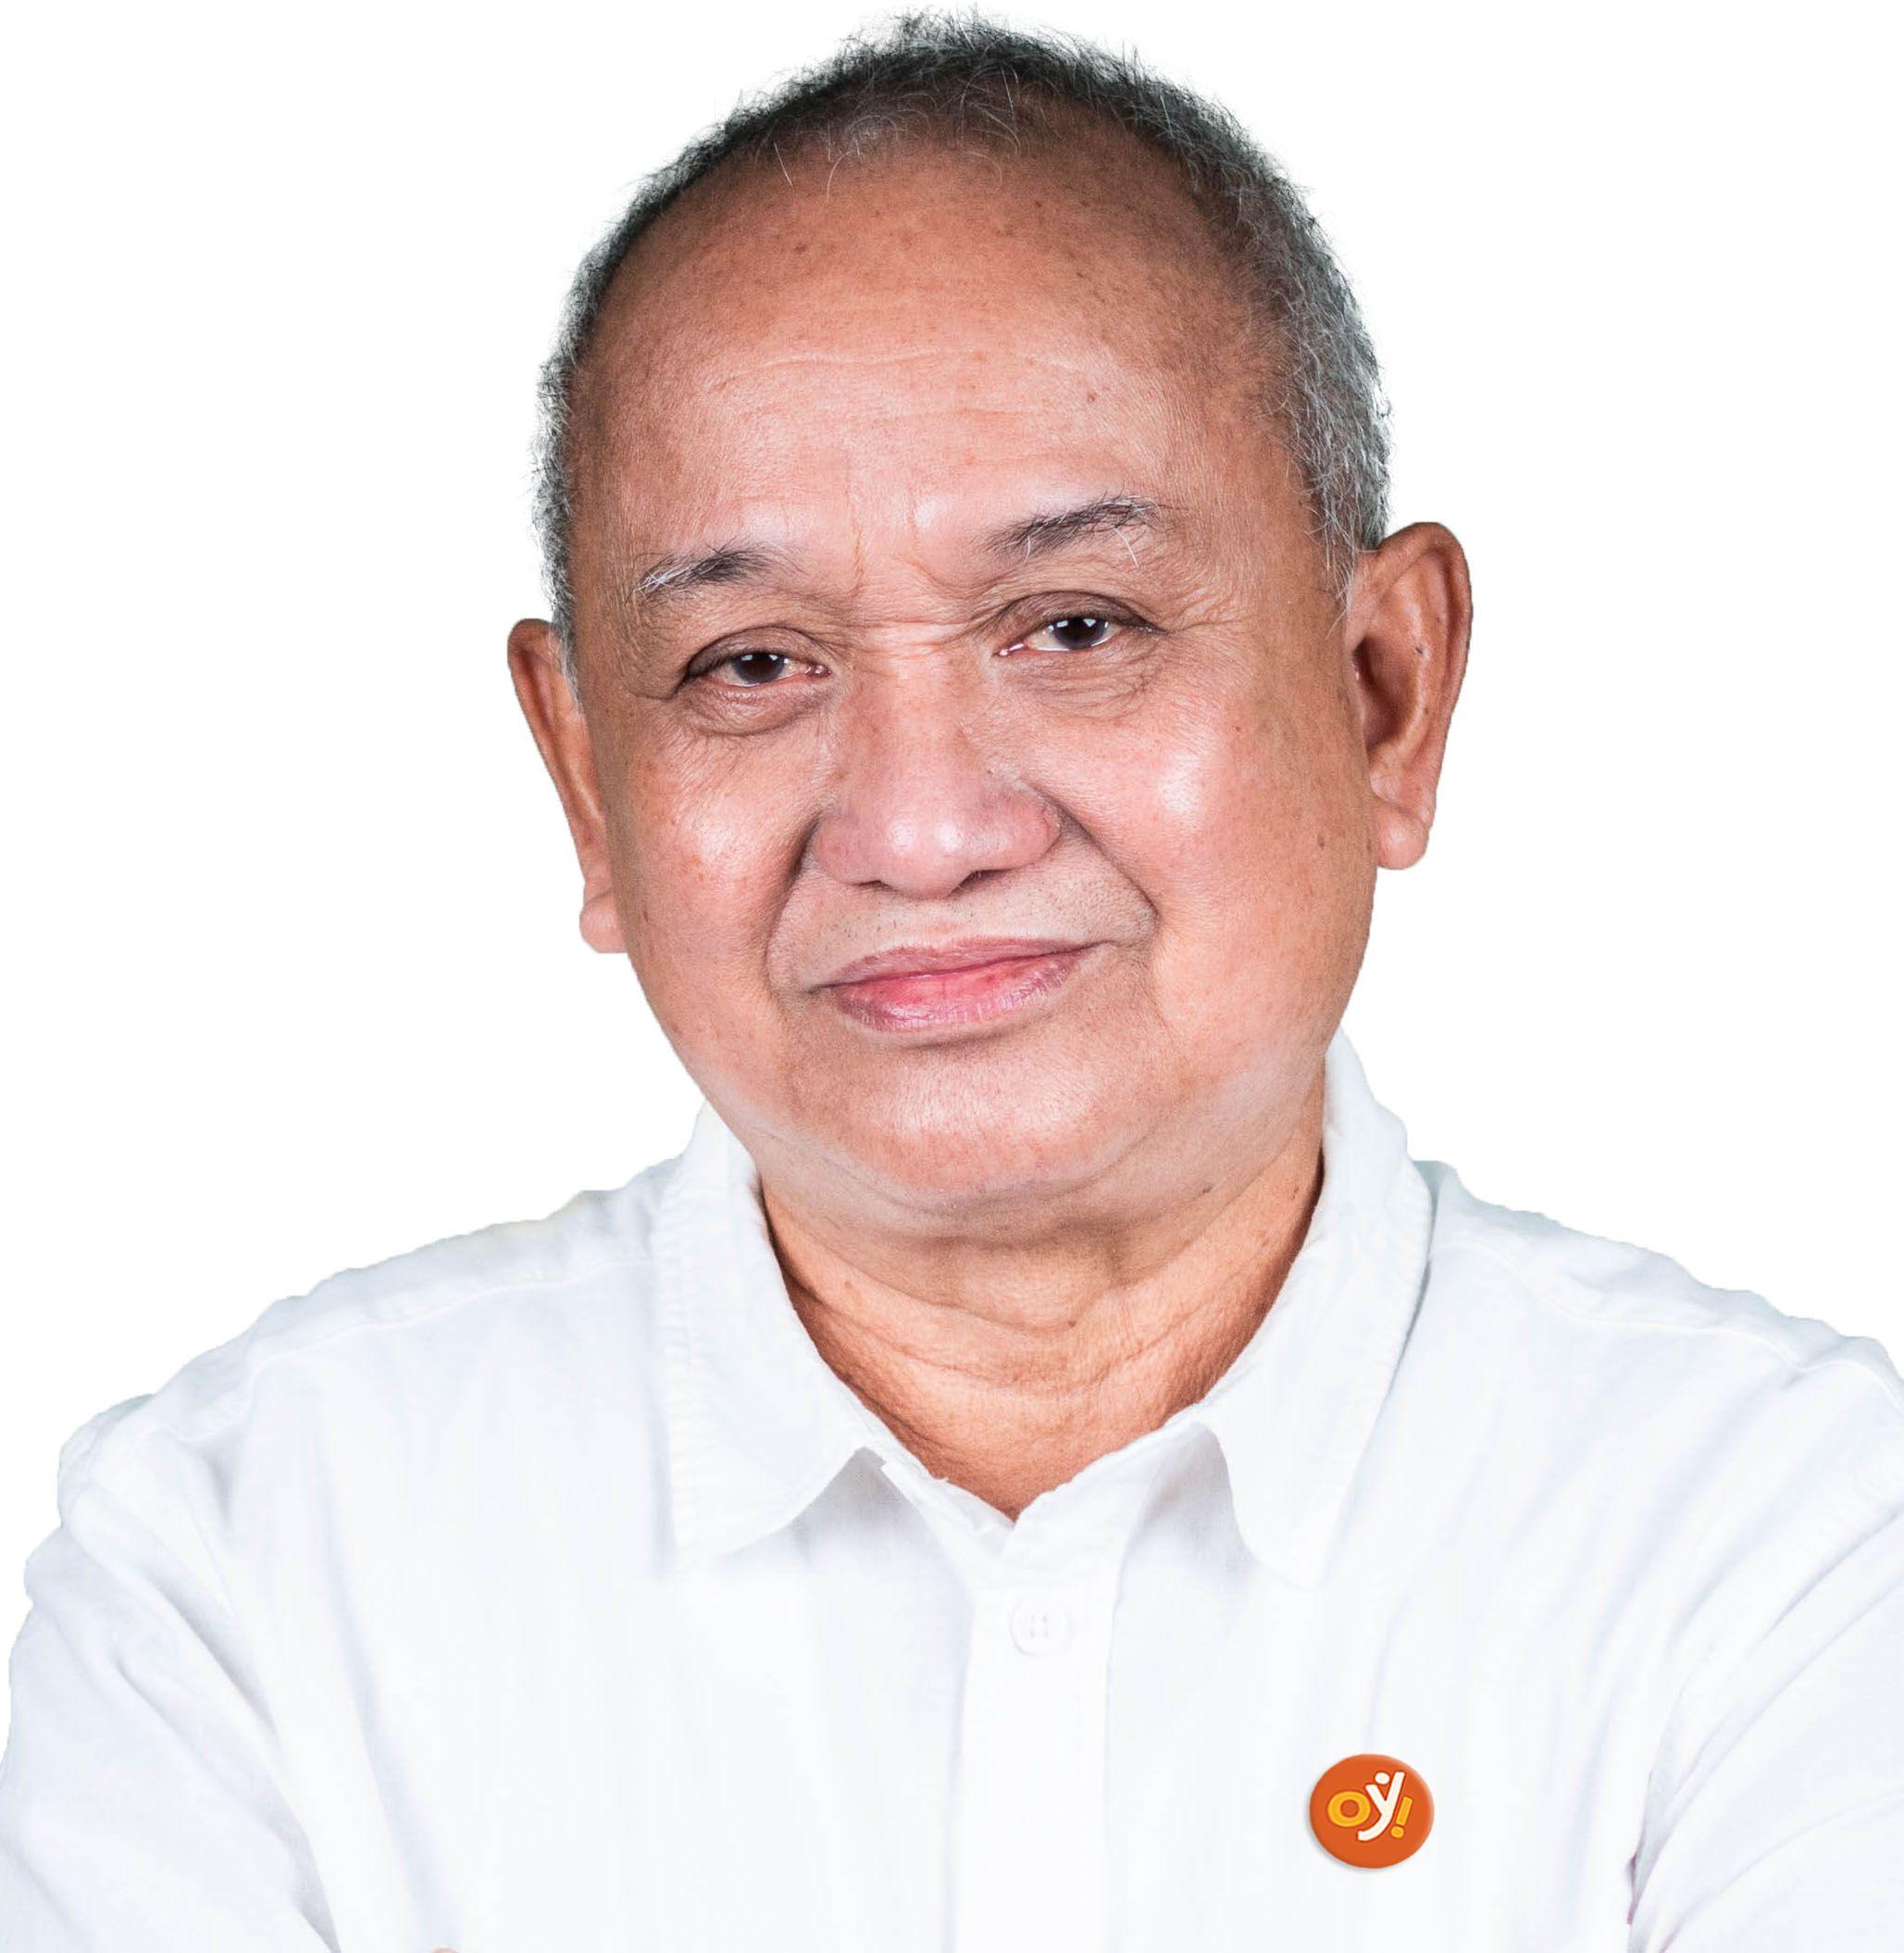 Ray L. Junia